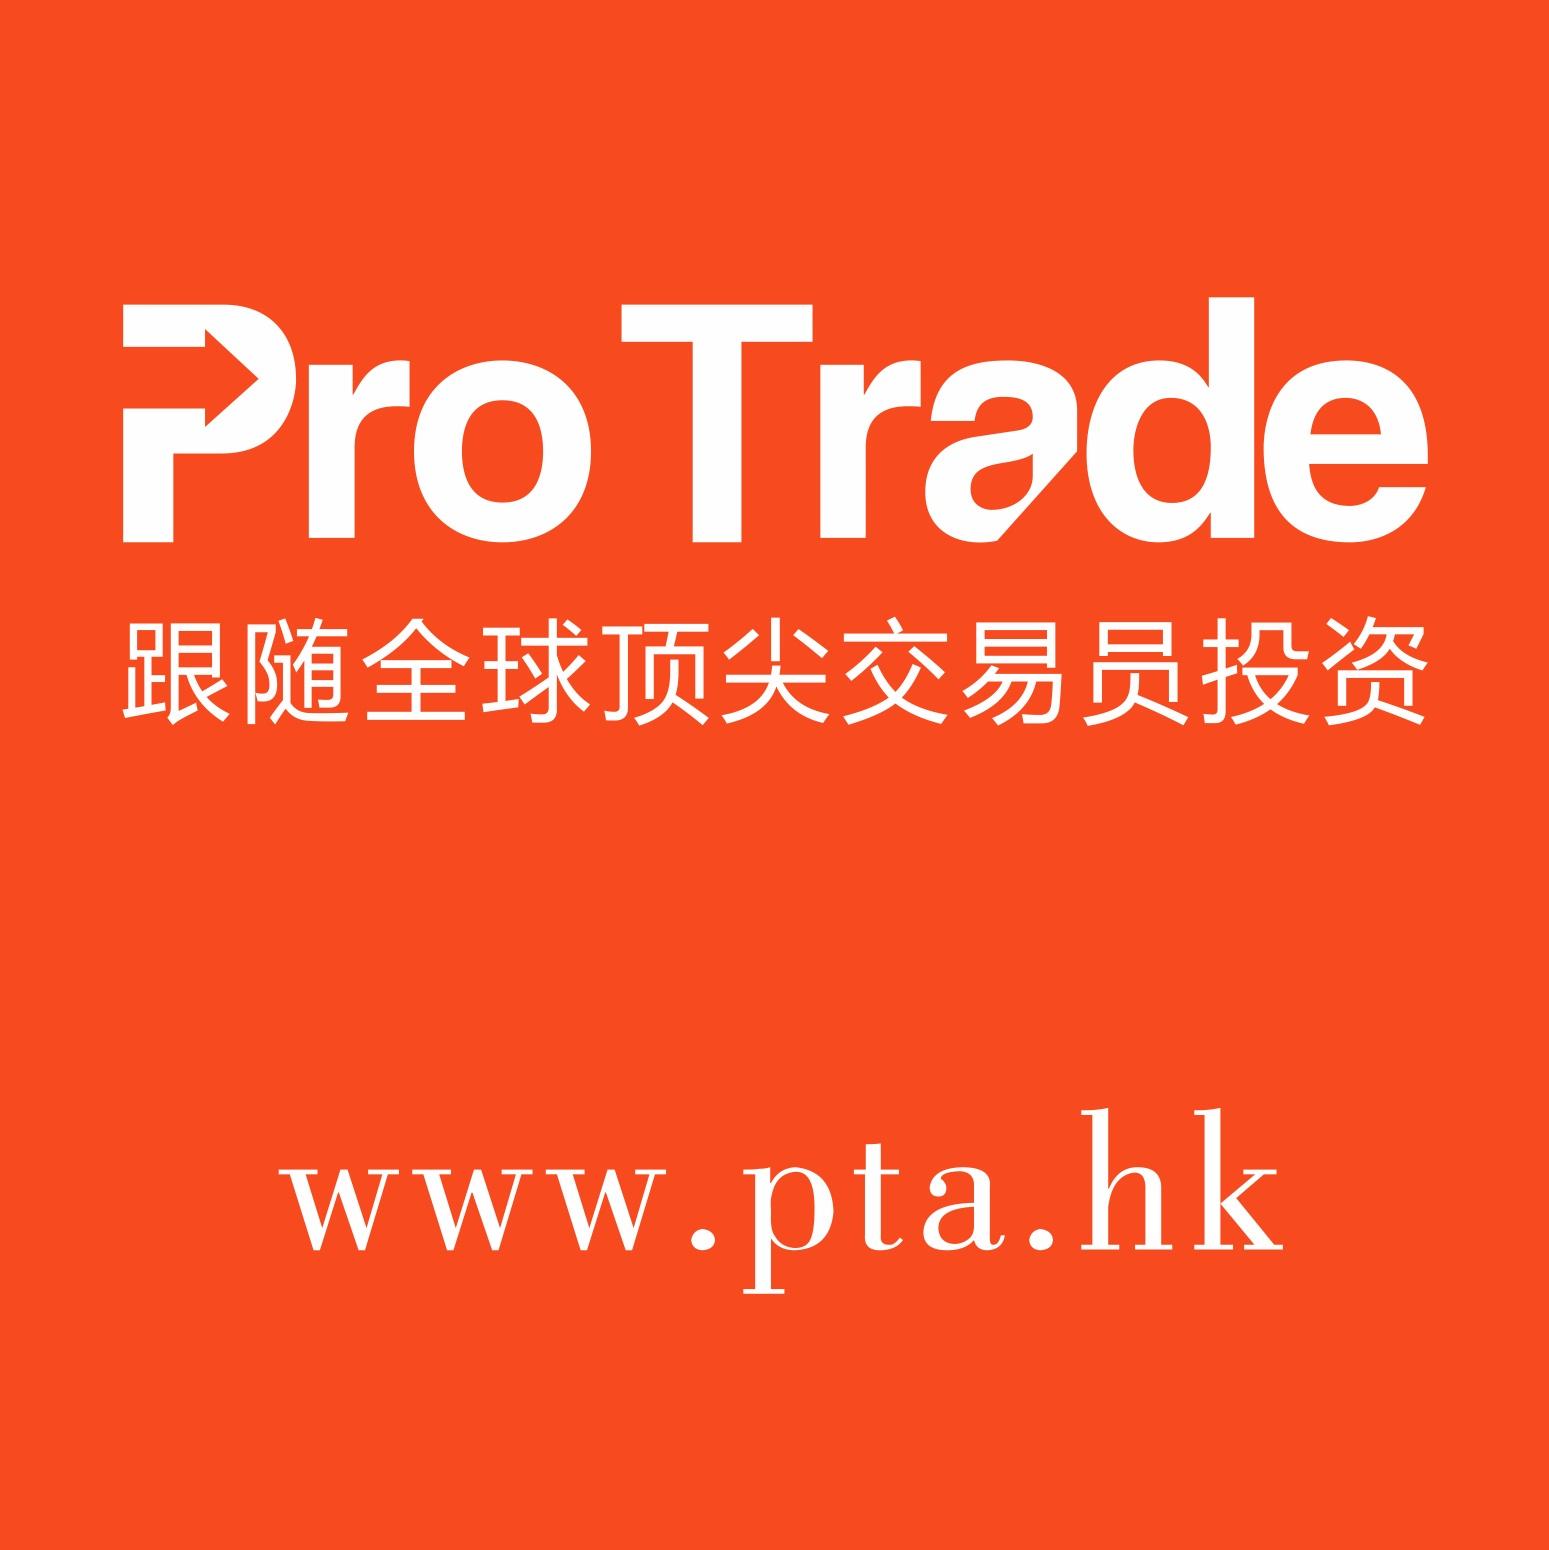 ProTrade